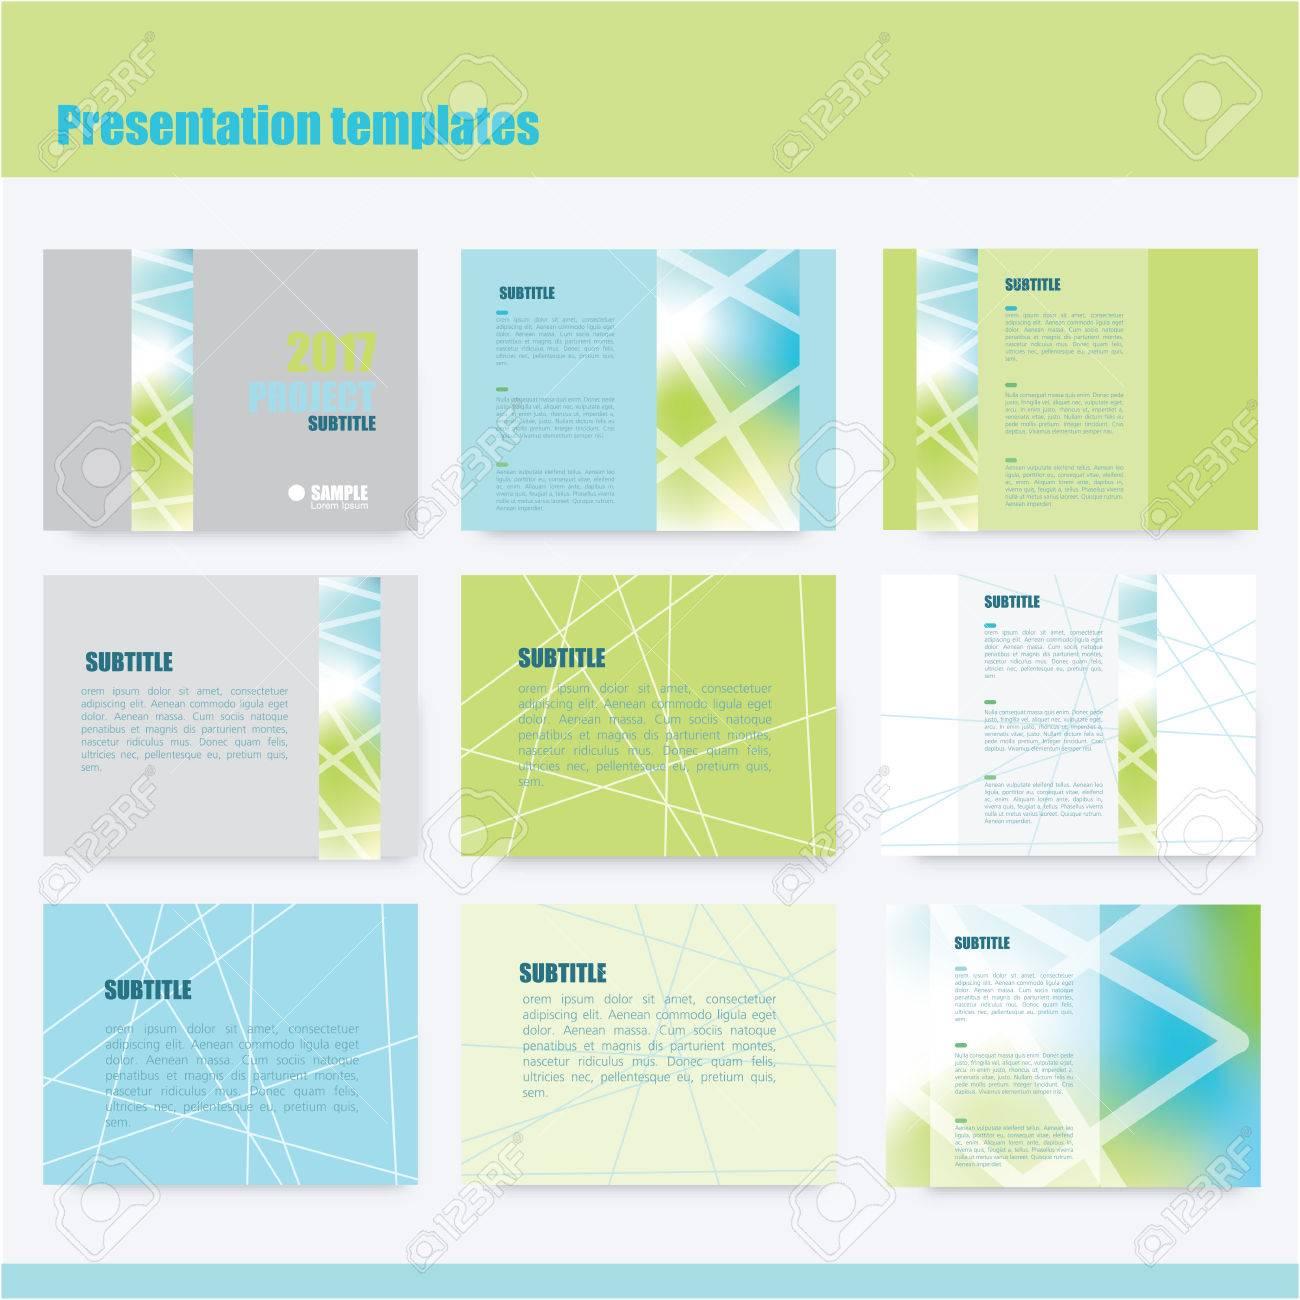 Plantillas De Diapositivas De Presentaciones De Negocios - Diseño De ...